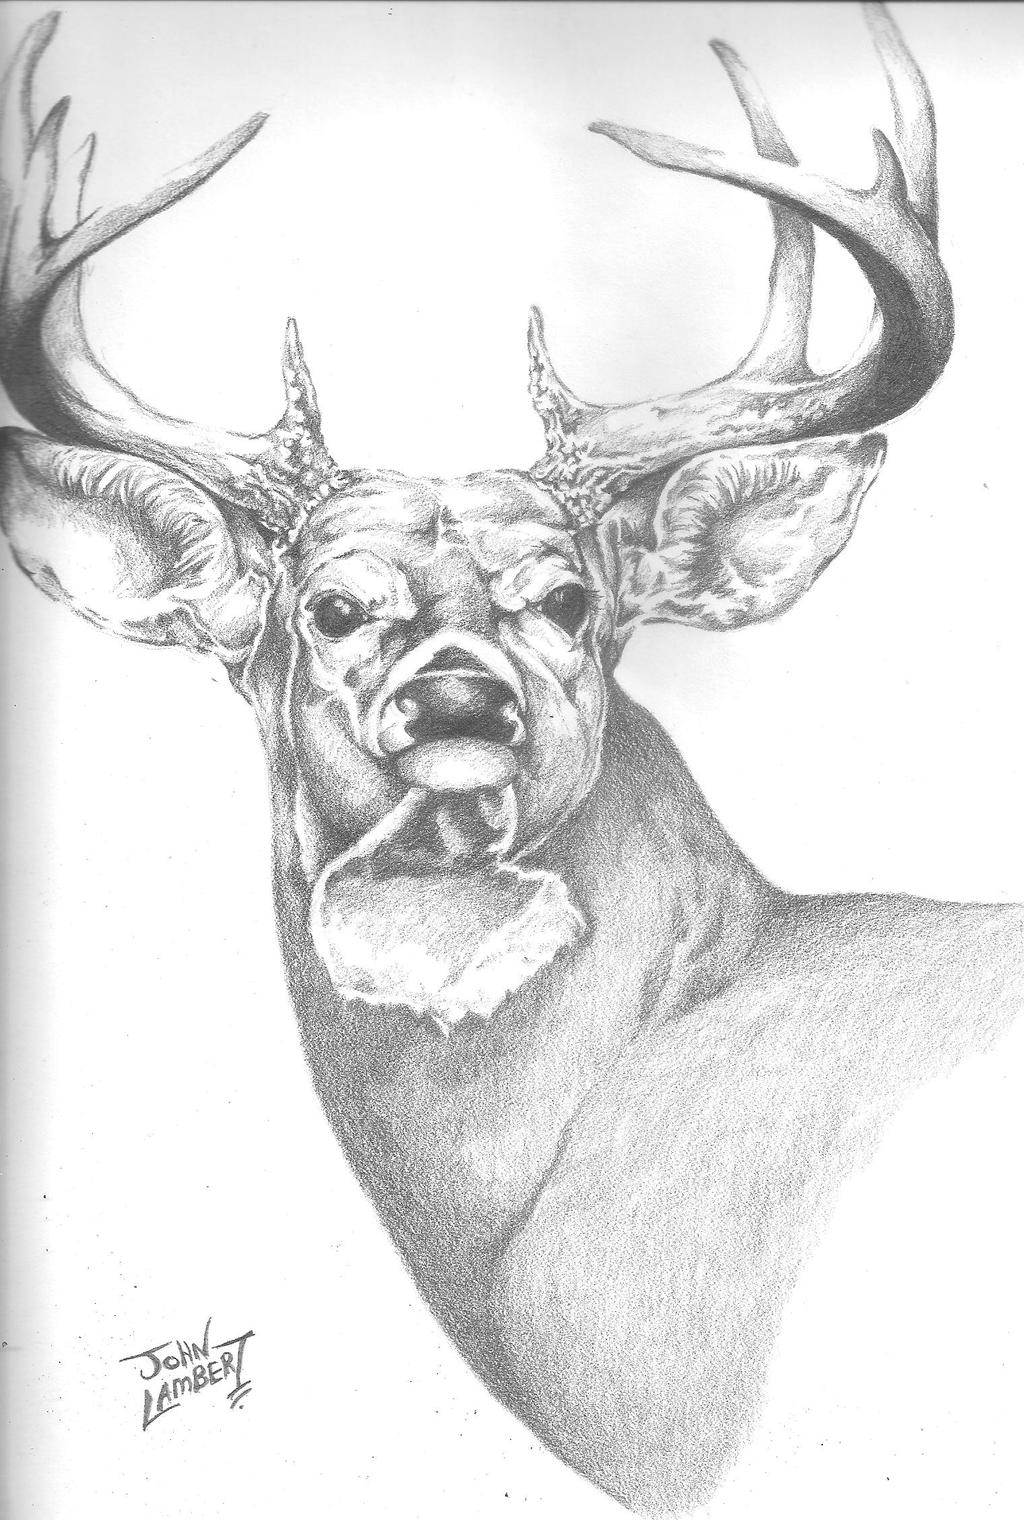 Big Buck by Batman4art